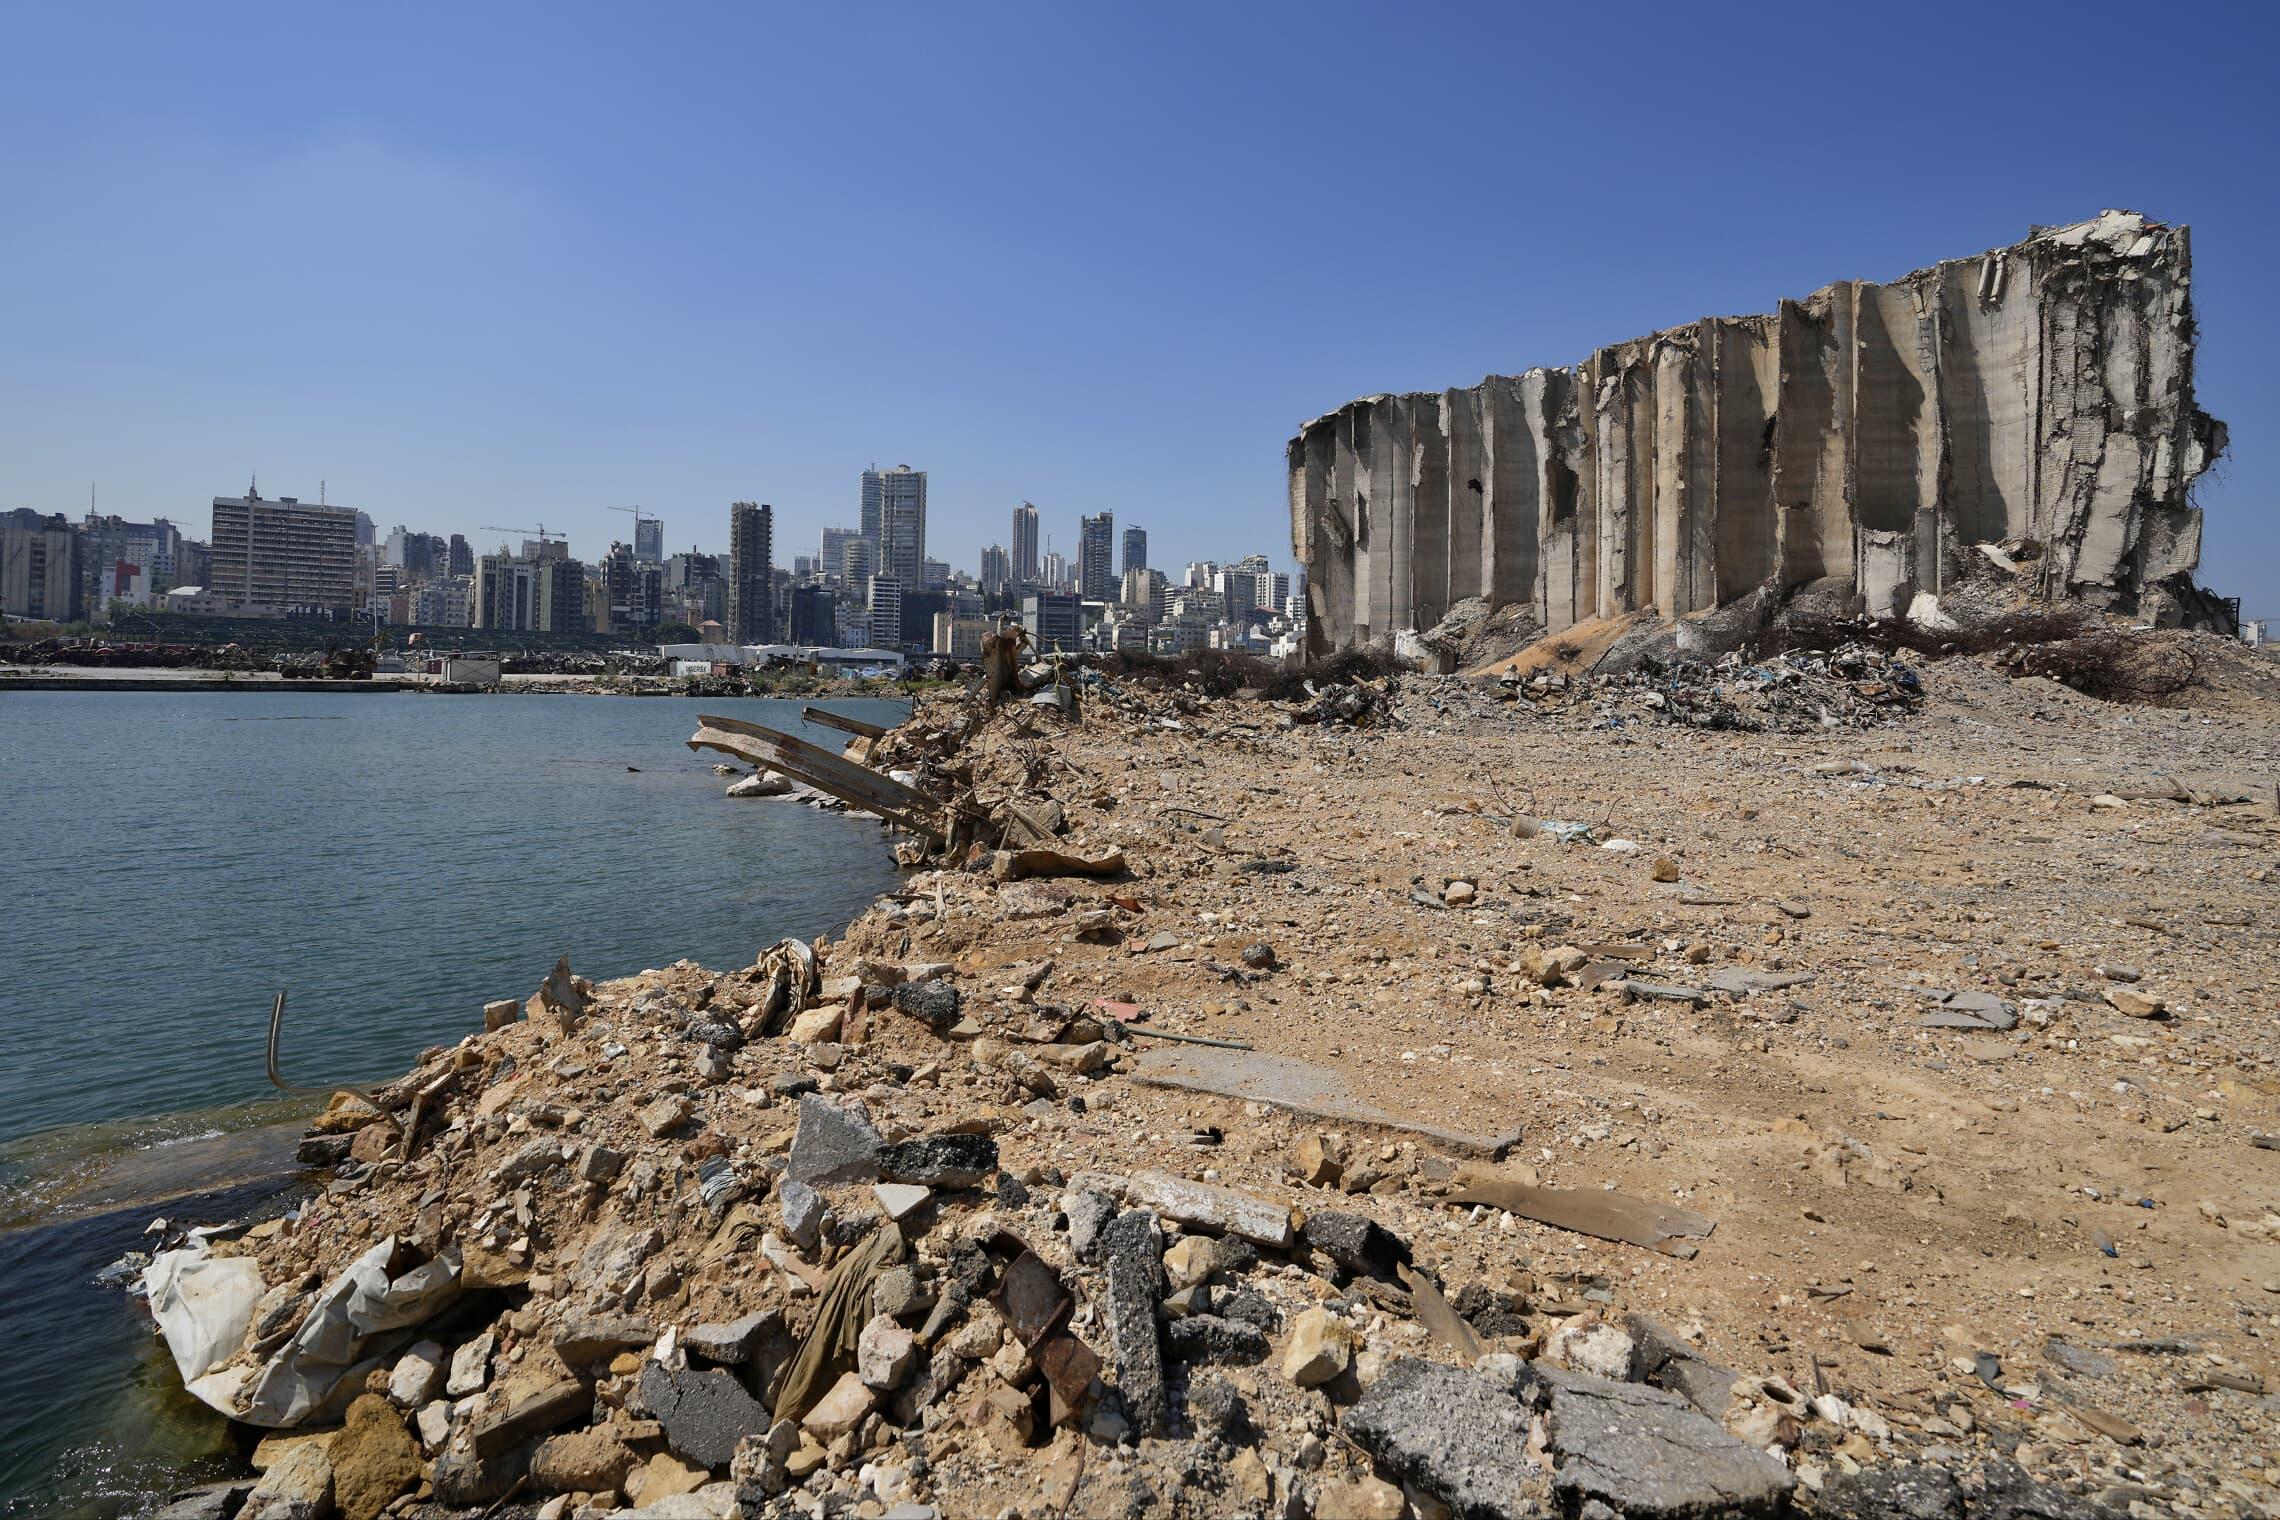 שנה אחרי הפיצוץ בנמל ביירות, 31 ביולי 2021 (צילום: AP Photo/Hassan Ammar)